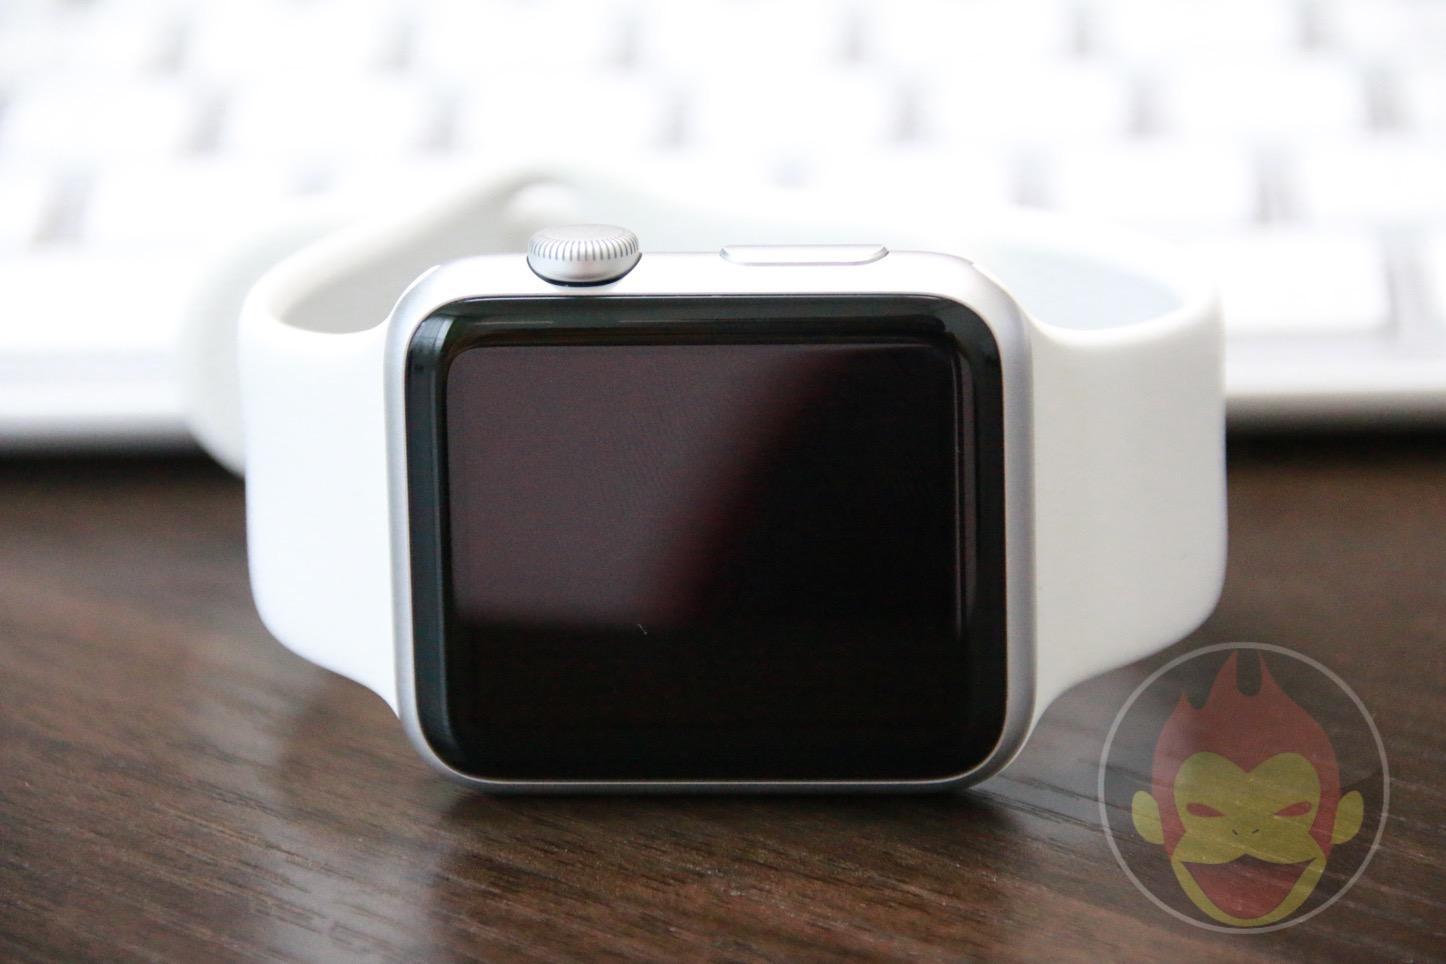 Apple-Watch-Digital-Crown-05.JPG